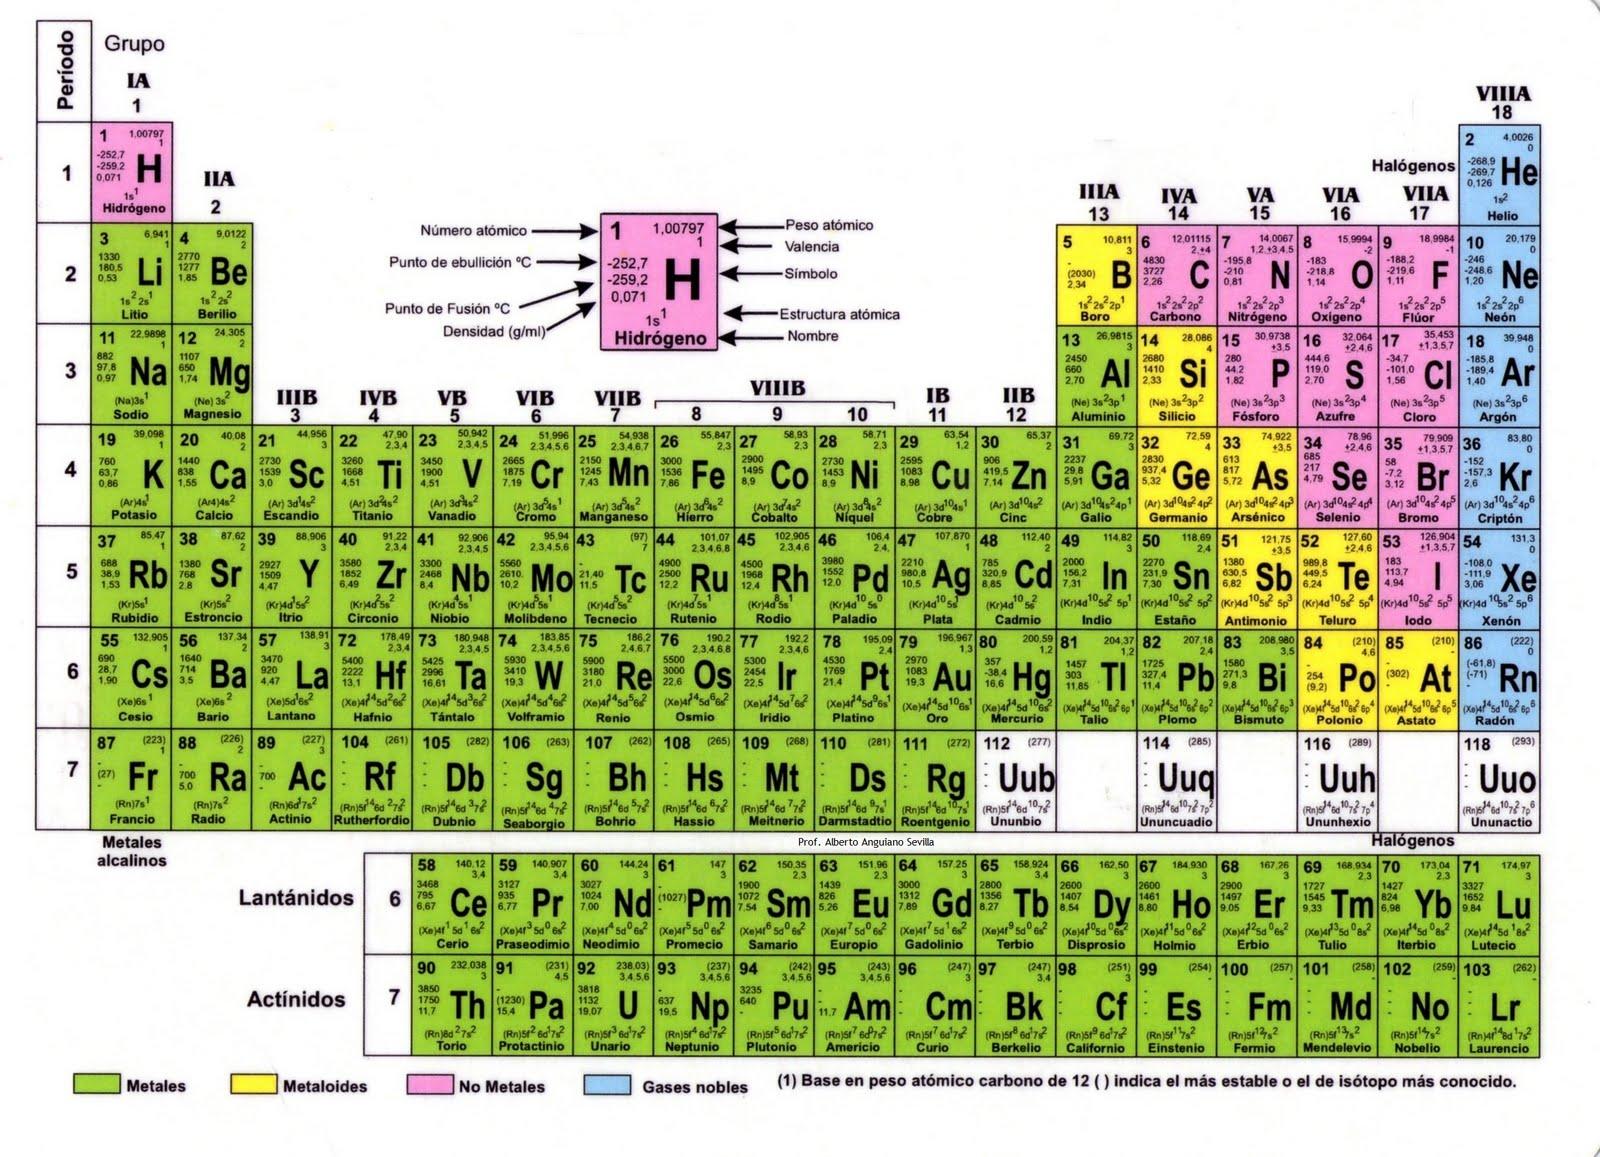 la ica los elementos de tabla periodica - Tabla Periodica De Los Elementos Quimicos Con Nombres En Latin